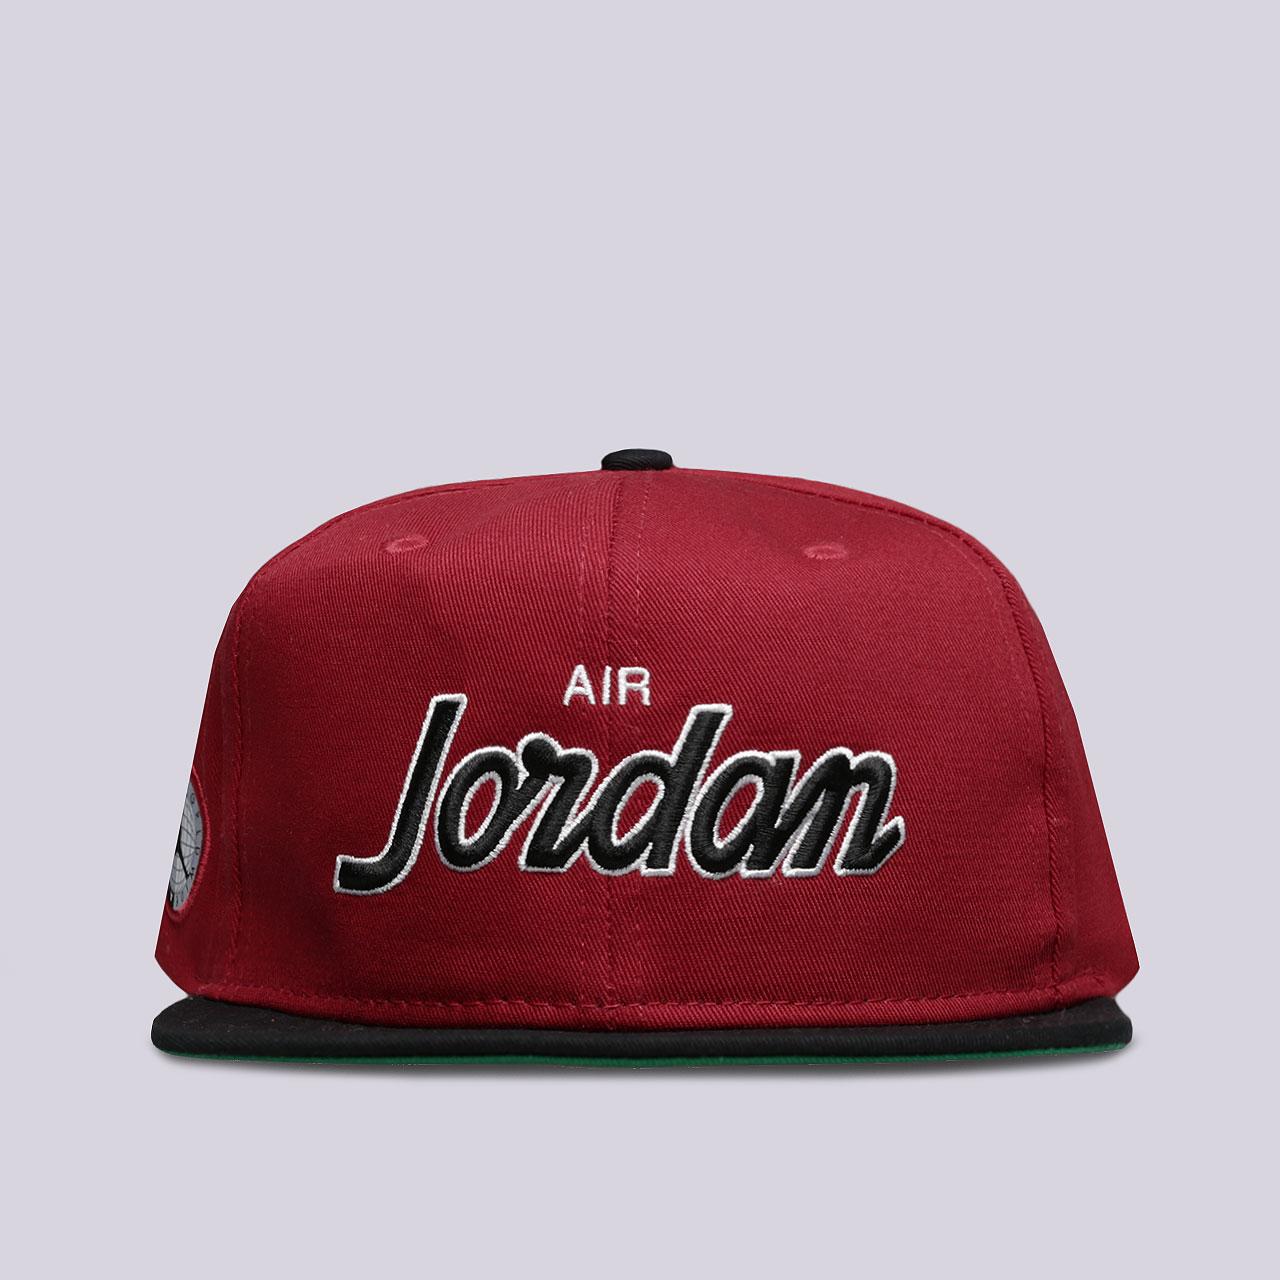 Купить товары Jordan (Джордан) по цене от 250 рублей с доставкой по Москве  и России в интернет-магазине Sneakerhead 3b369002f6c